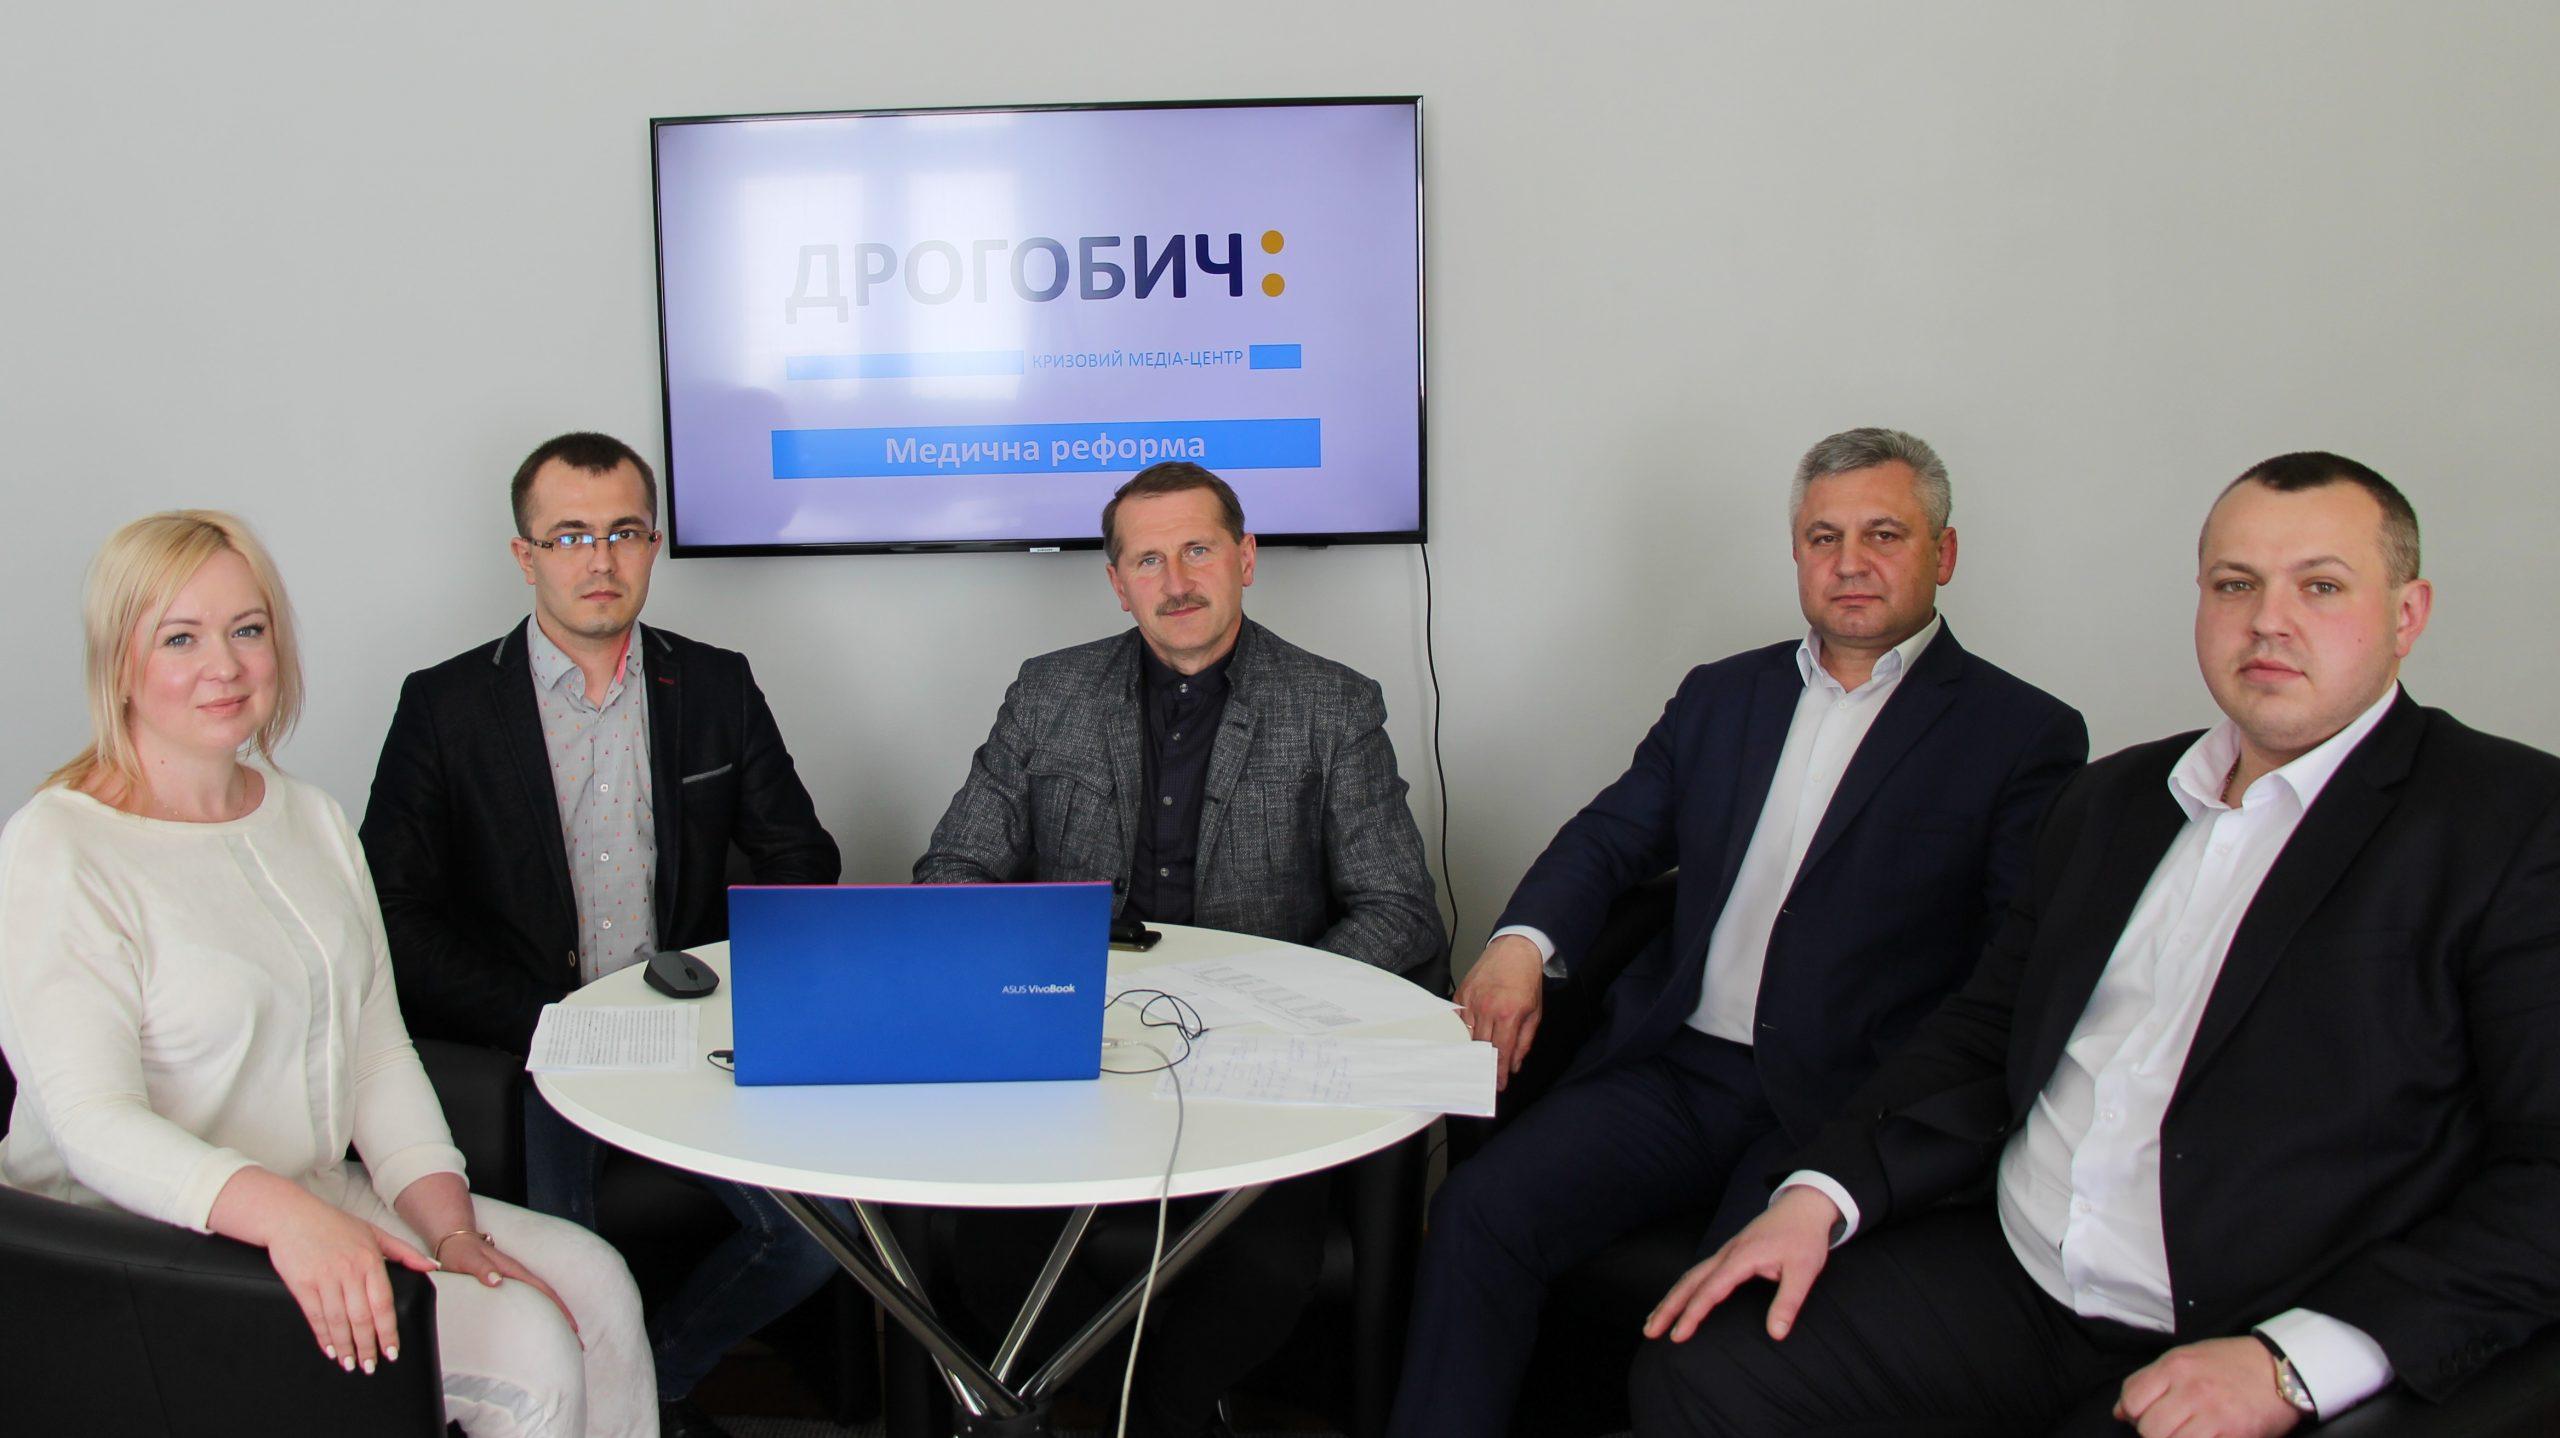 КМЦ «Дрогобич:»: Інформаційна година з міським головою: Медична реформа. ВІДЕО